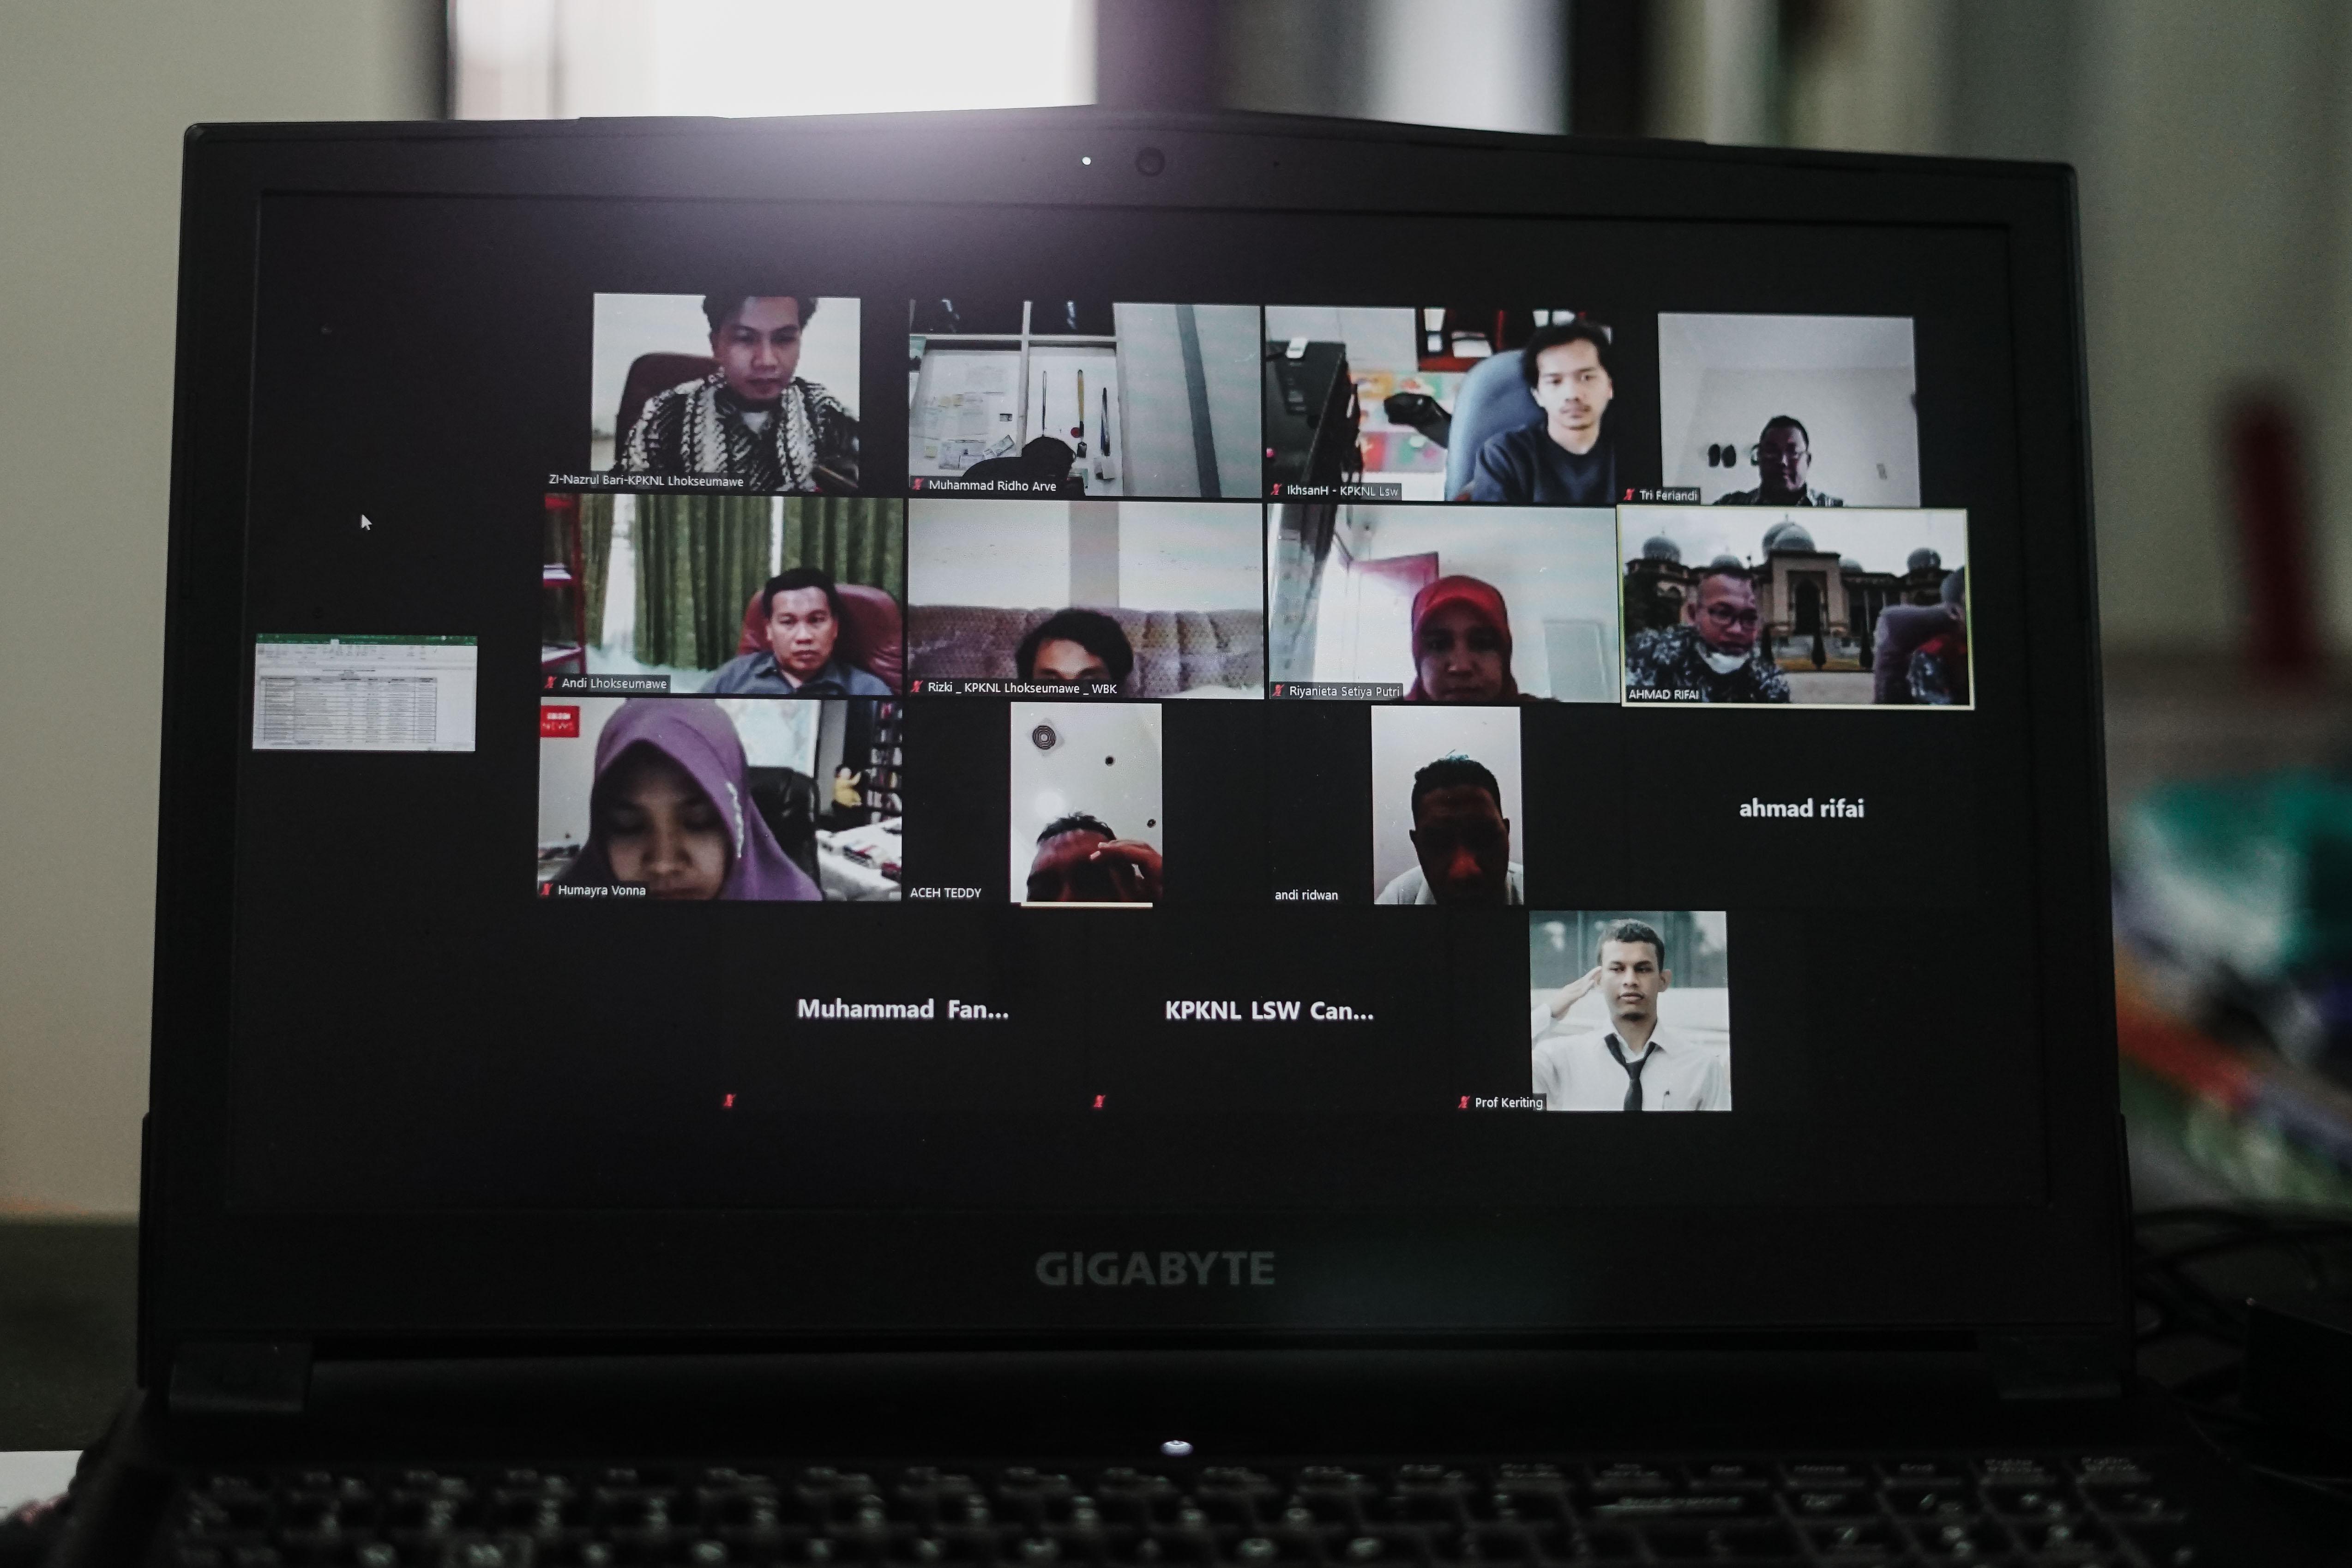 Rapat DKO T II : Teknologi Sosial Media Sebagai Alternatif Keterbatasan yang Diakibatkan oleh Pandemi